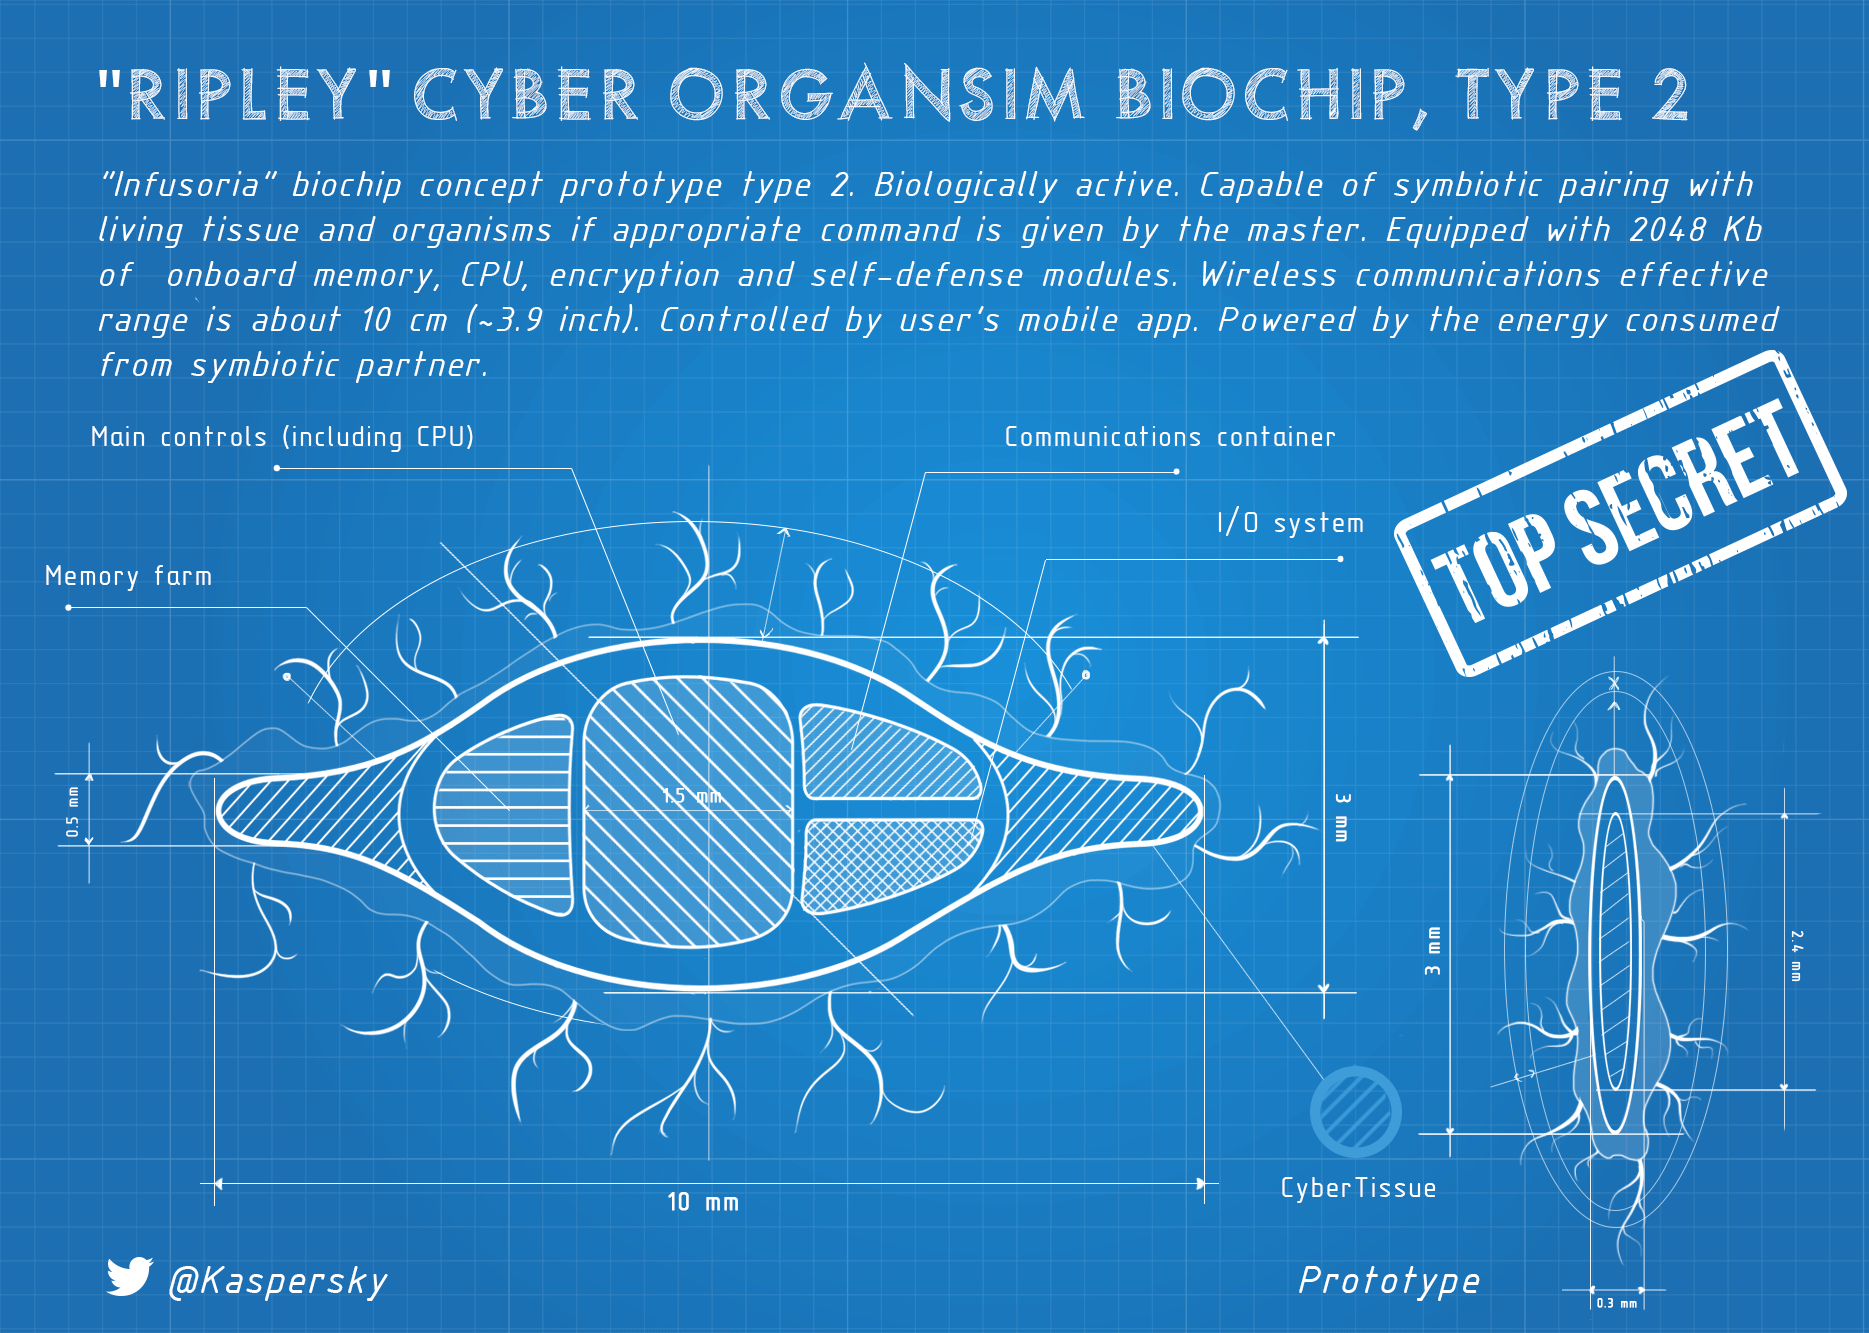 Biochip future concept type 2